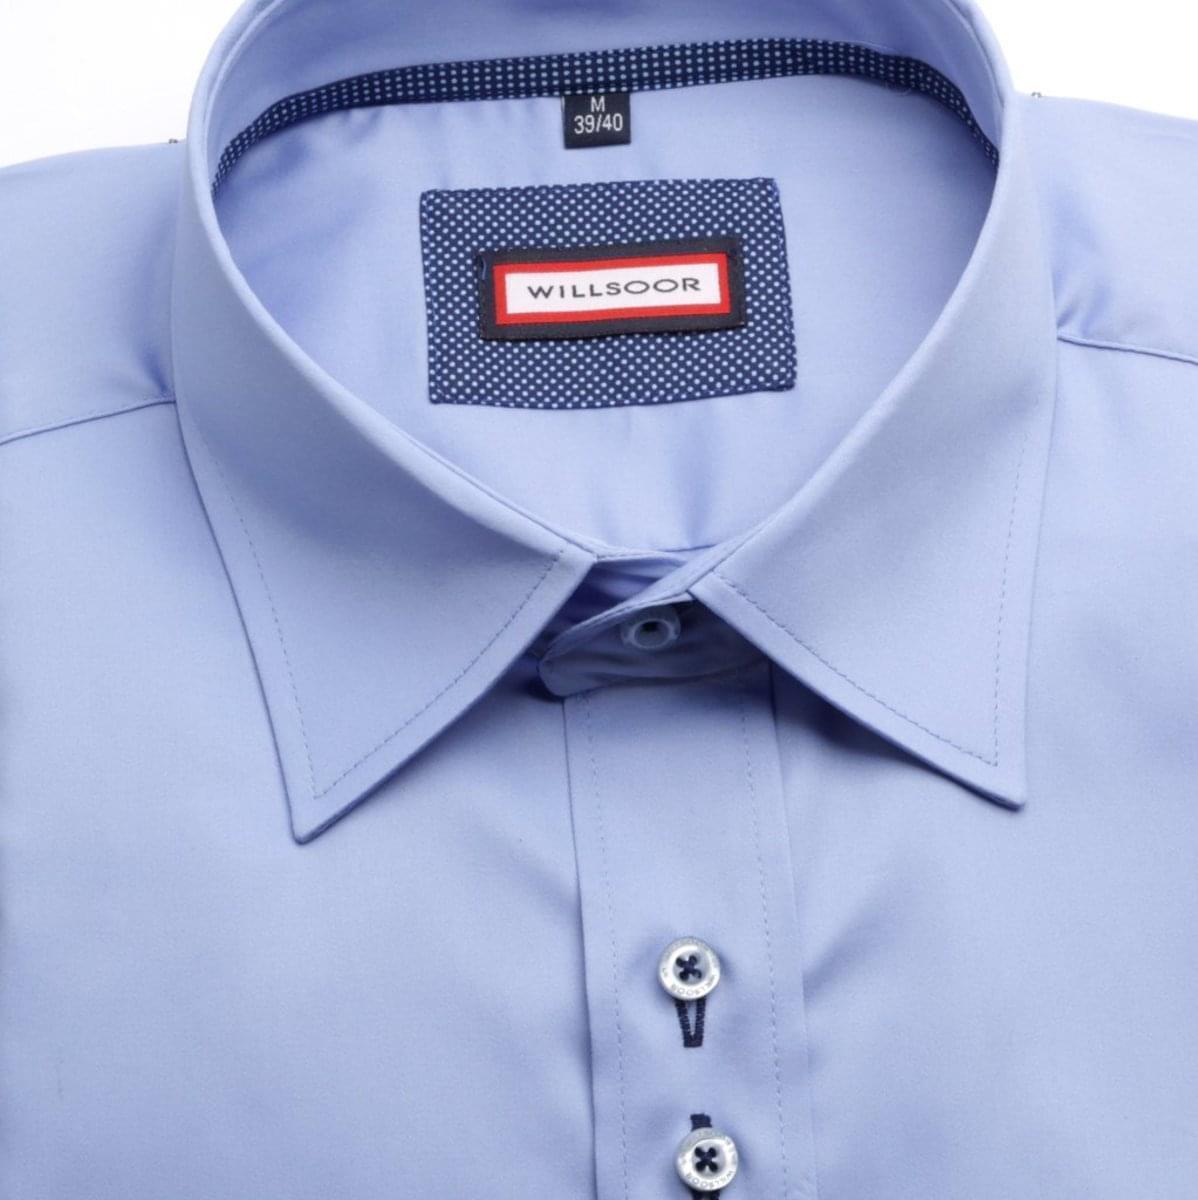 Pánská košile WR Classic v modré barvě (výška 188-194) 4579 188-194 / XL (43/44)